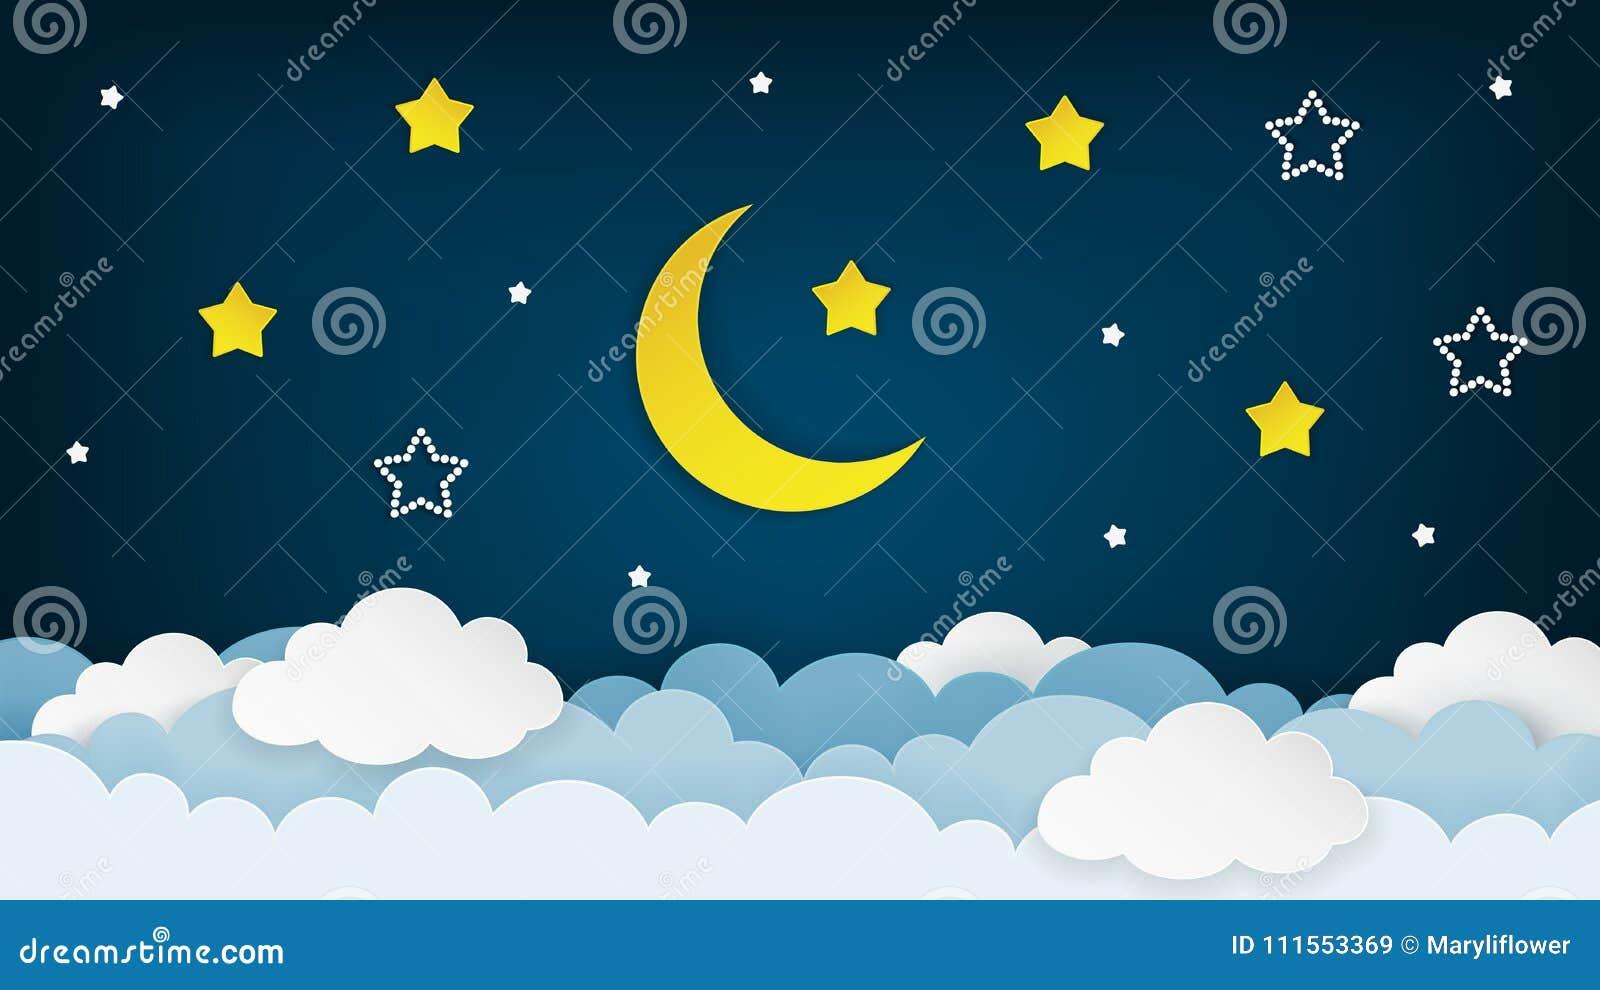 Halve maan, sterren en wolken op de donkere achtergrond van de nachthemel Document art. De achtergrond van de nachtscène Vector